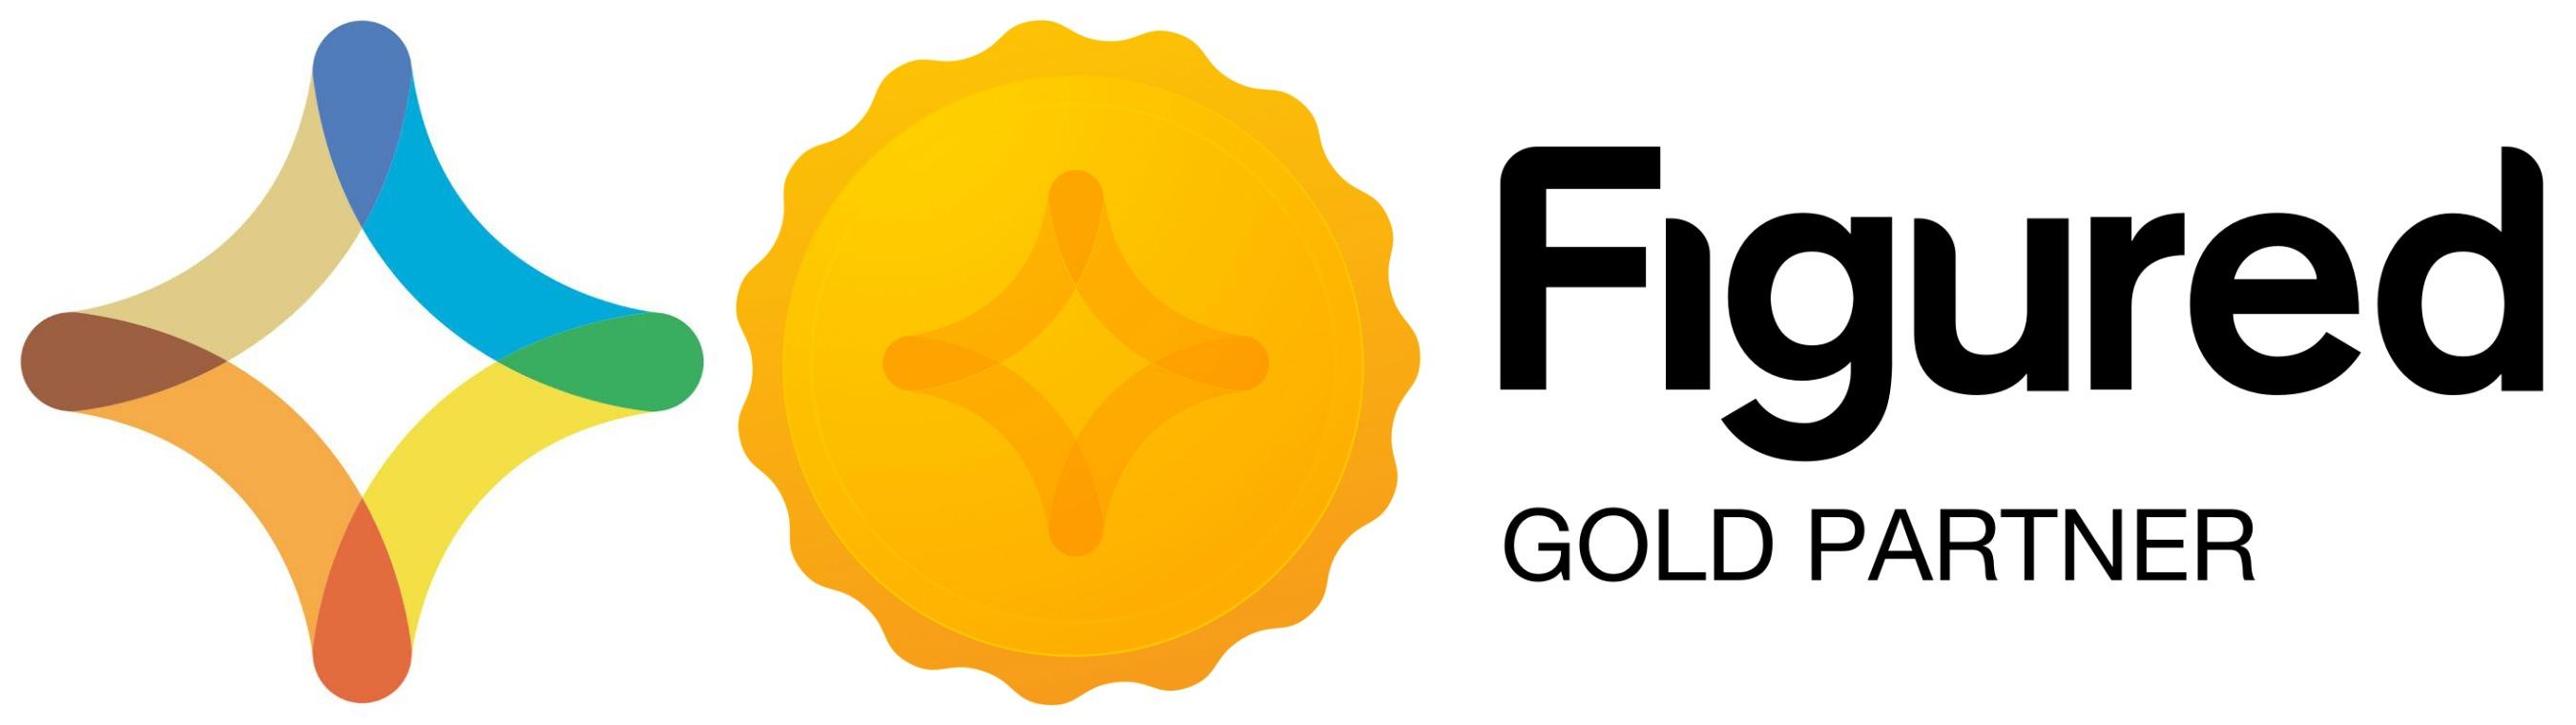 Figured Farm Management Software Gold Partner logo